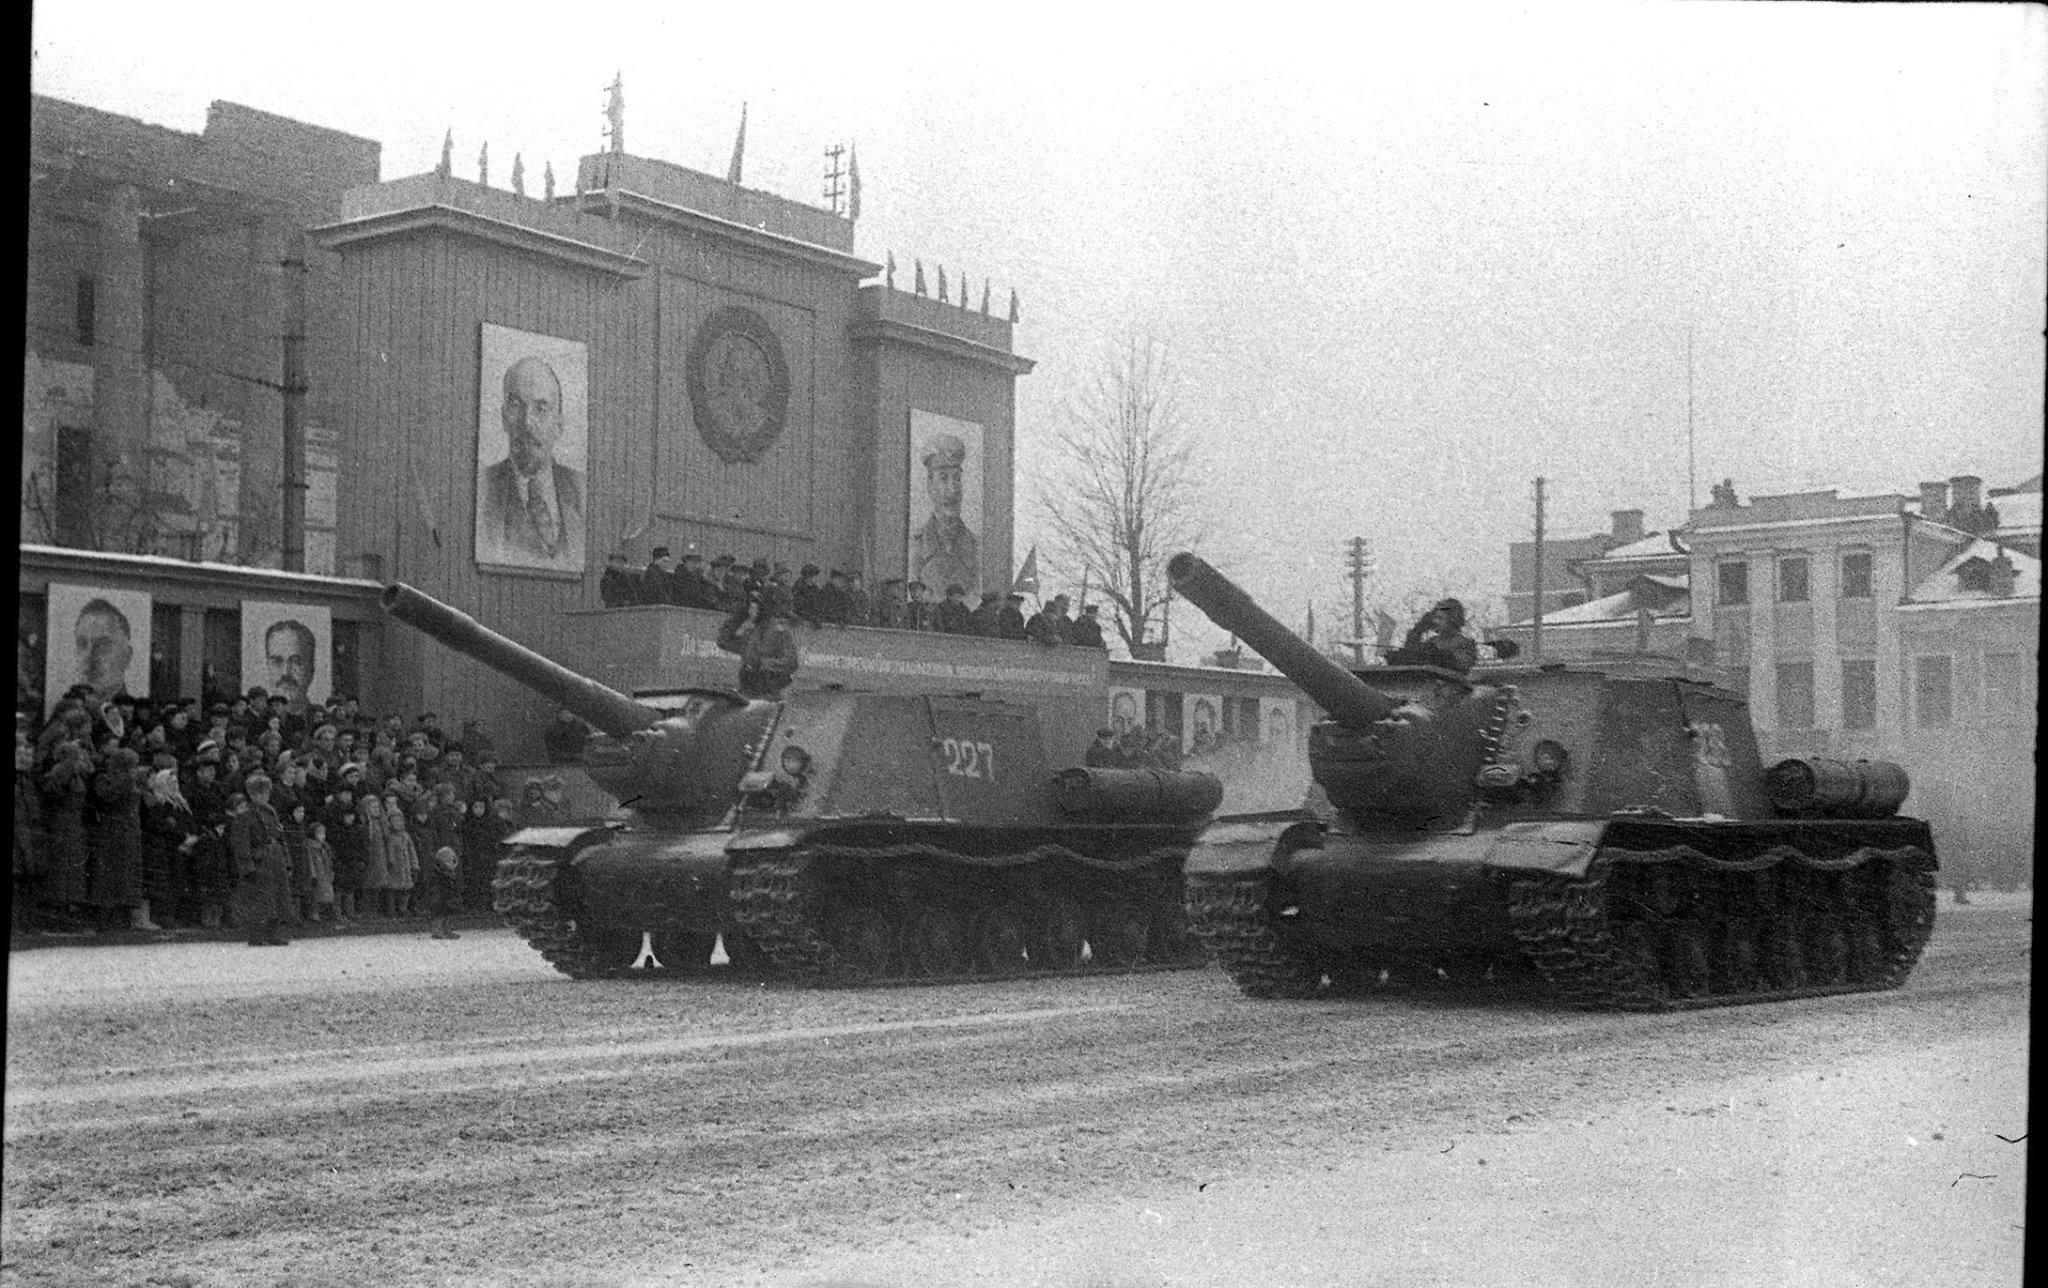 Парад на площади Свободы, самоходные артиллерийские установки ИСУ-152, ноябрь 1945 года